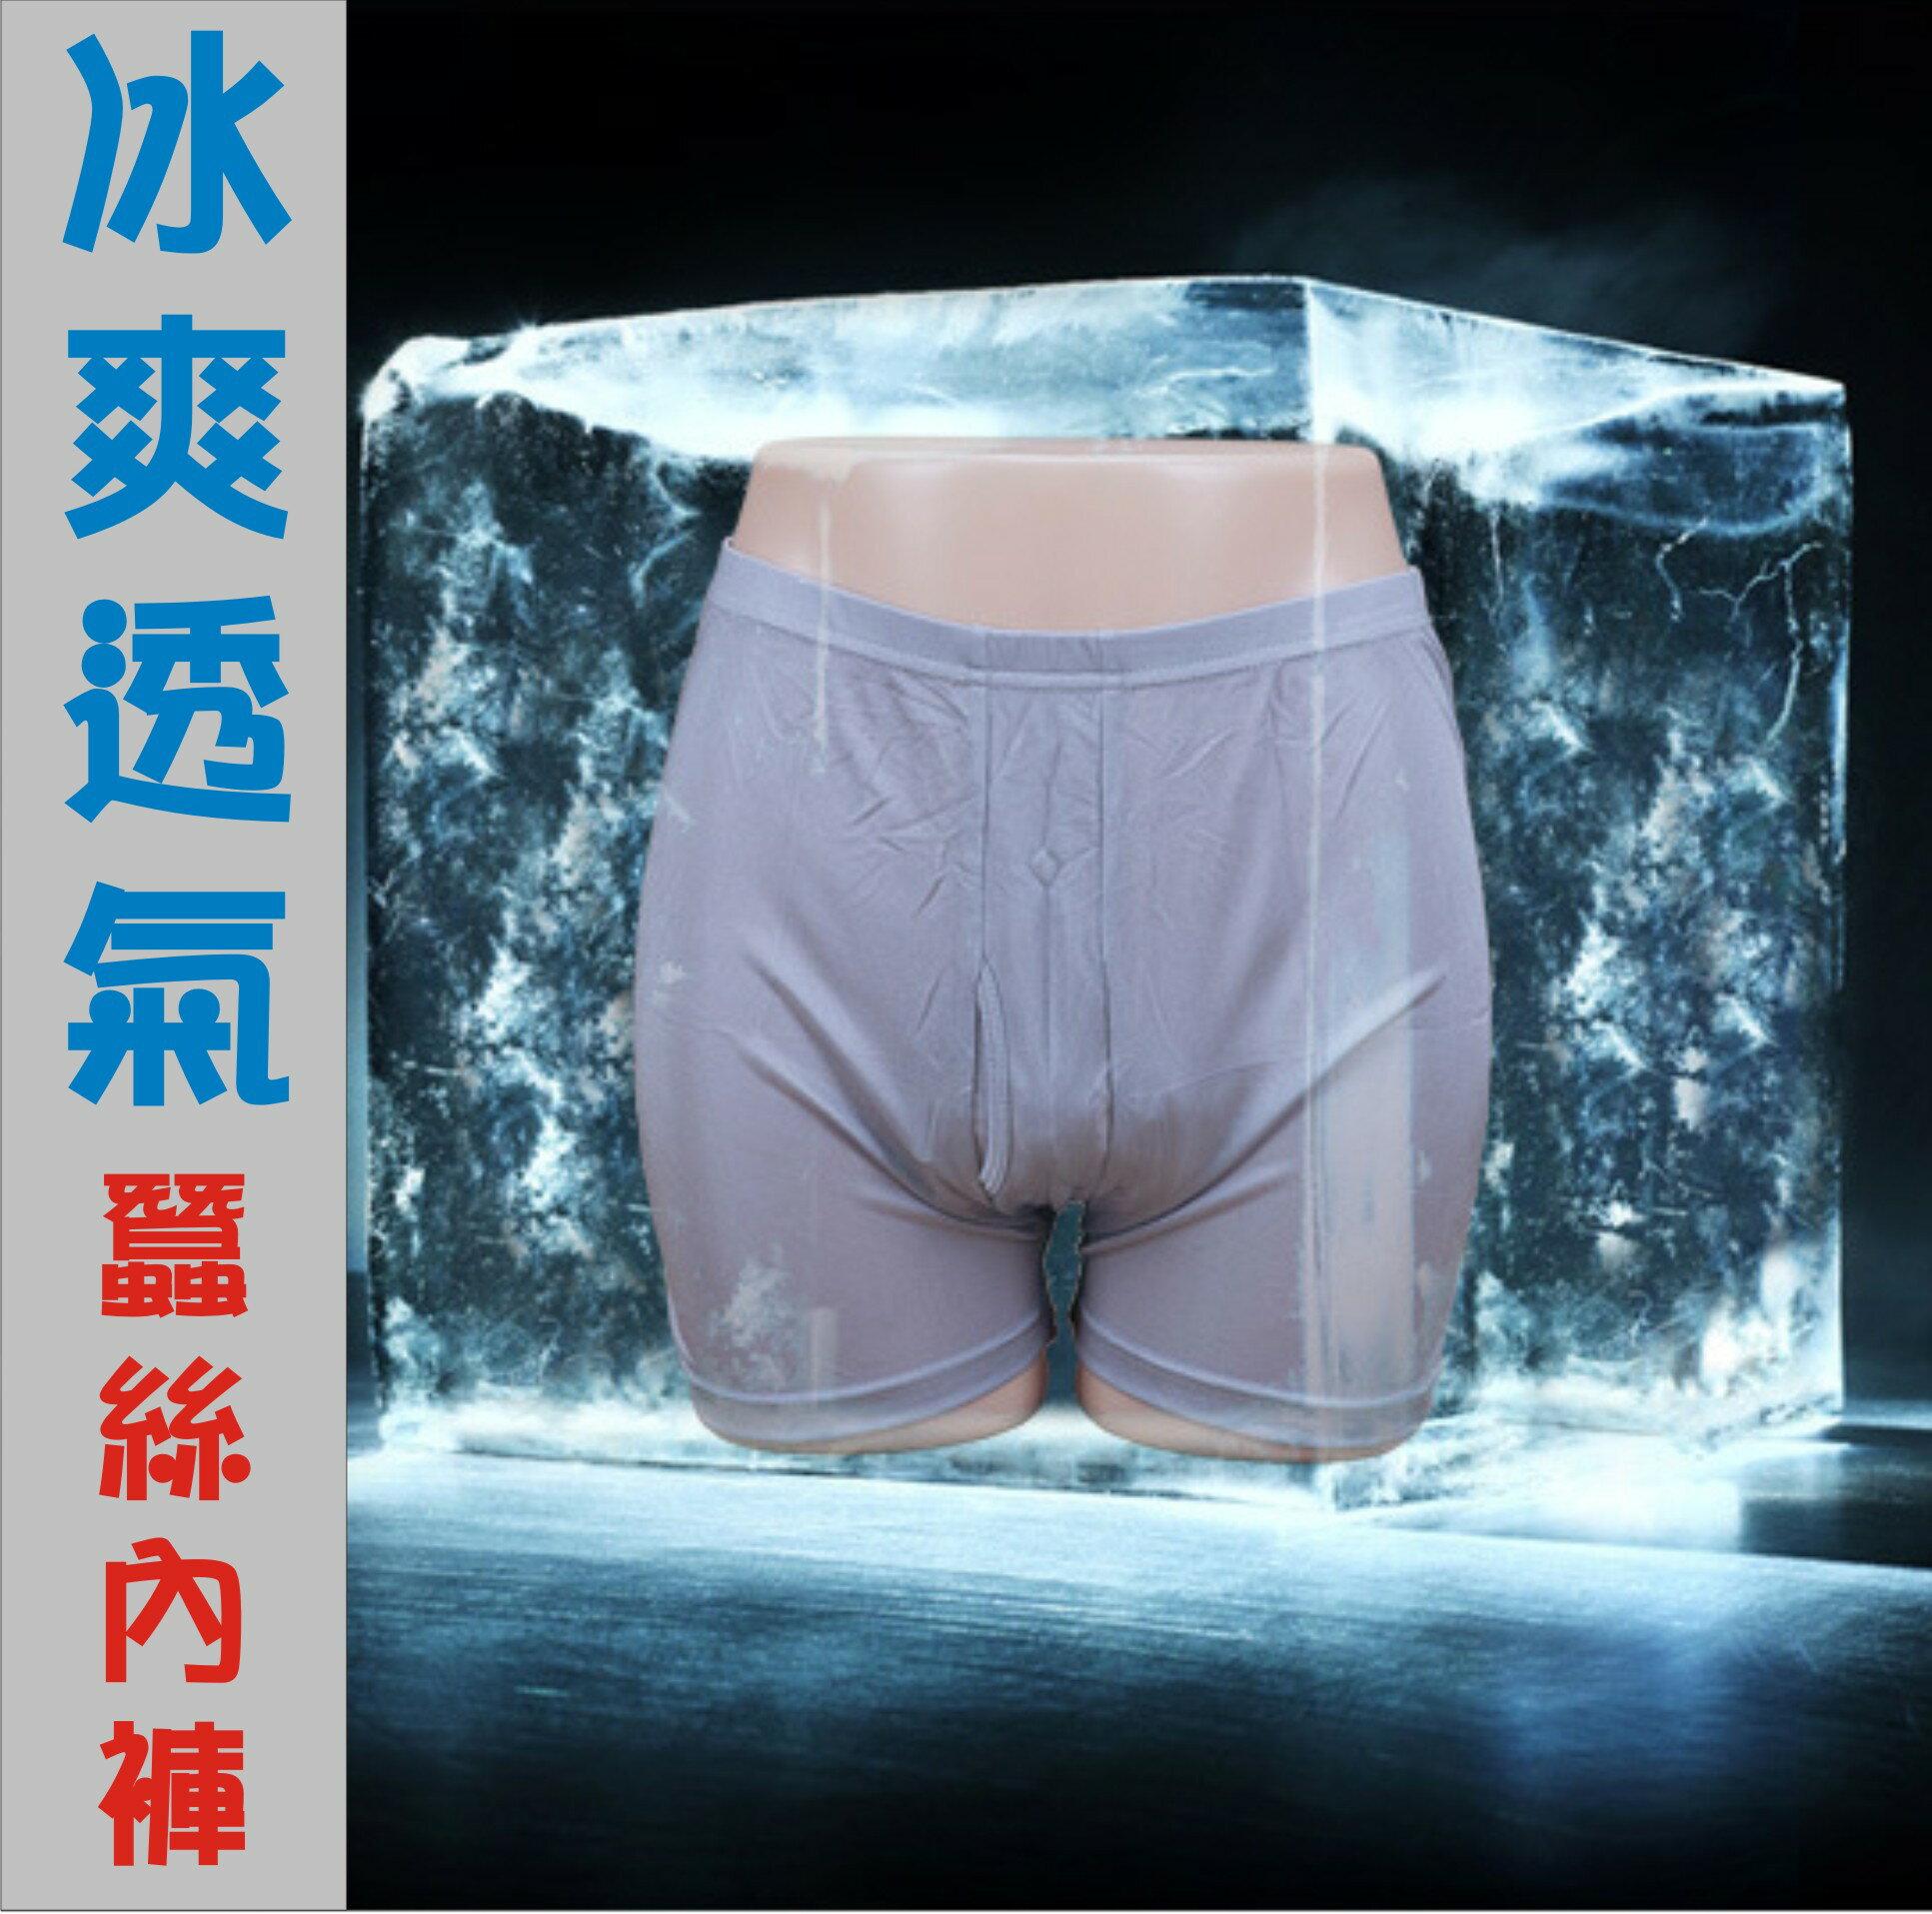 高品質 真蠶絲男四腳褲 真絲抗菌透氣 開洞方便 男生內褲整件100%桑蠶絲 舒適超好穿 請給老公男朋友最好的貼身內褲